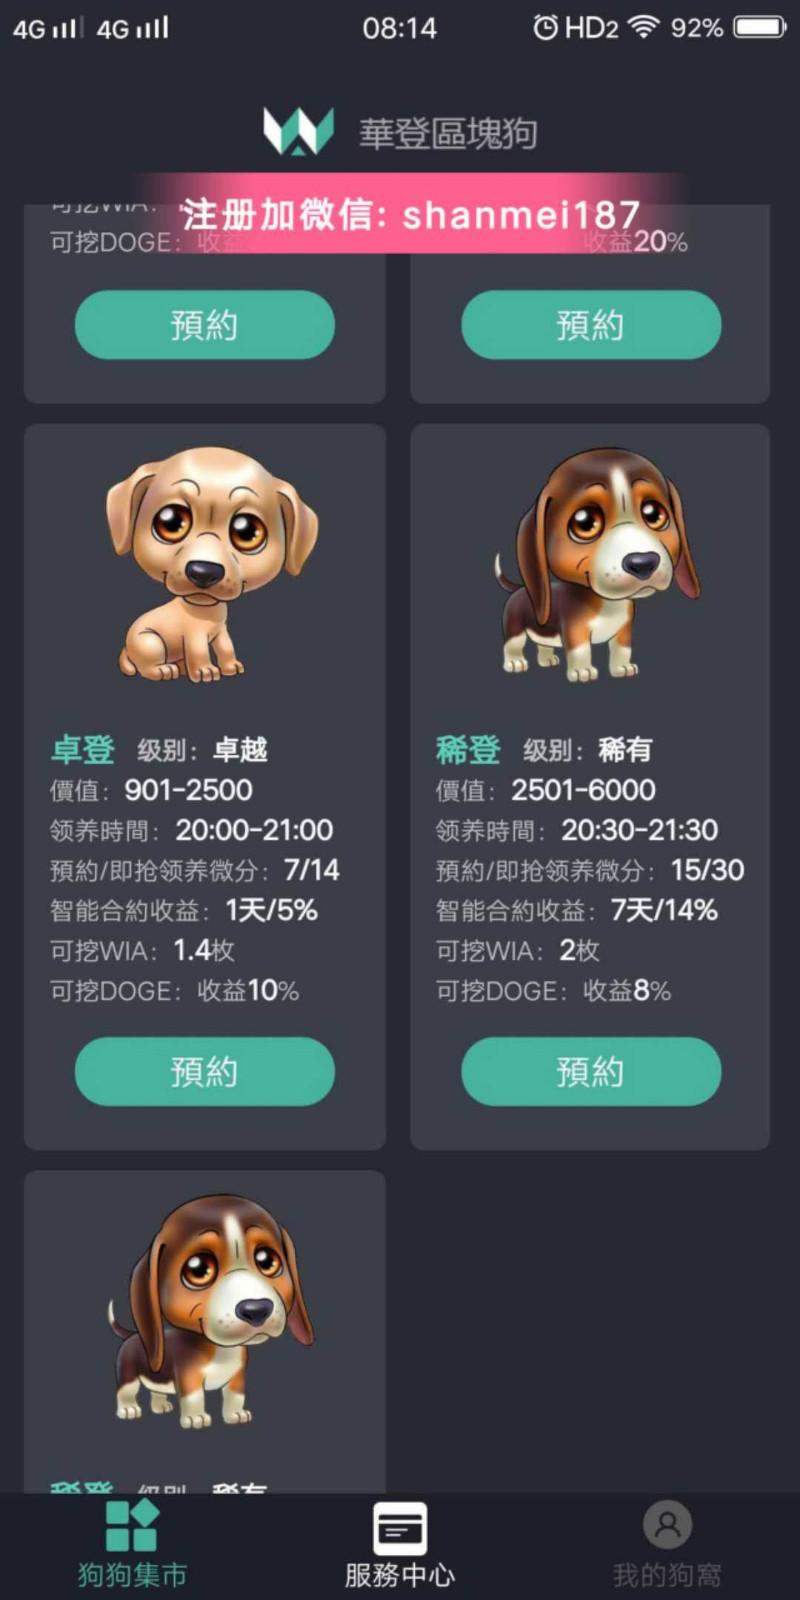 一百个卖点想要快速赚钱并成为可怜的狗,而一个卖点则使最终的财富免费化 - 第3张  | 悠哉网赚